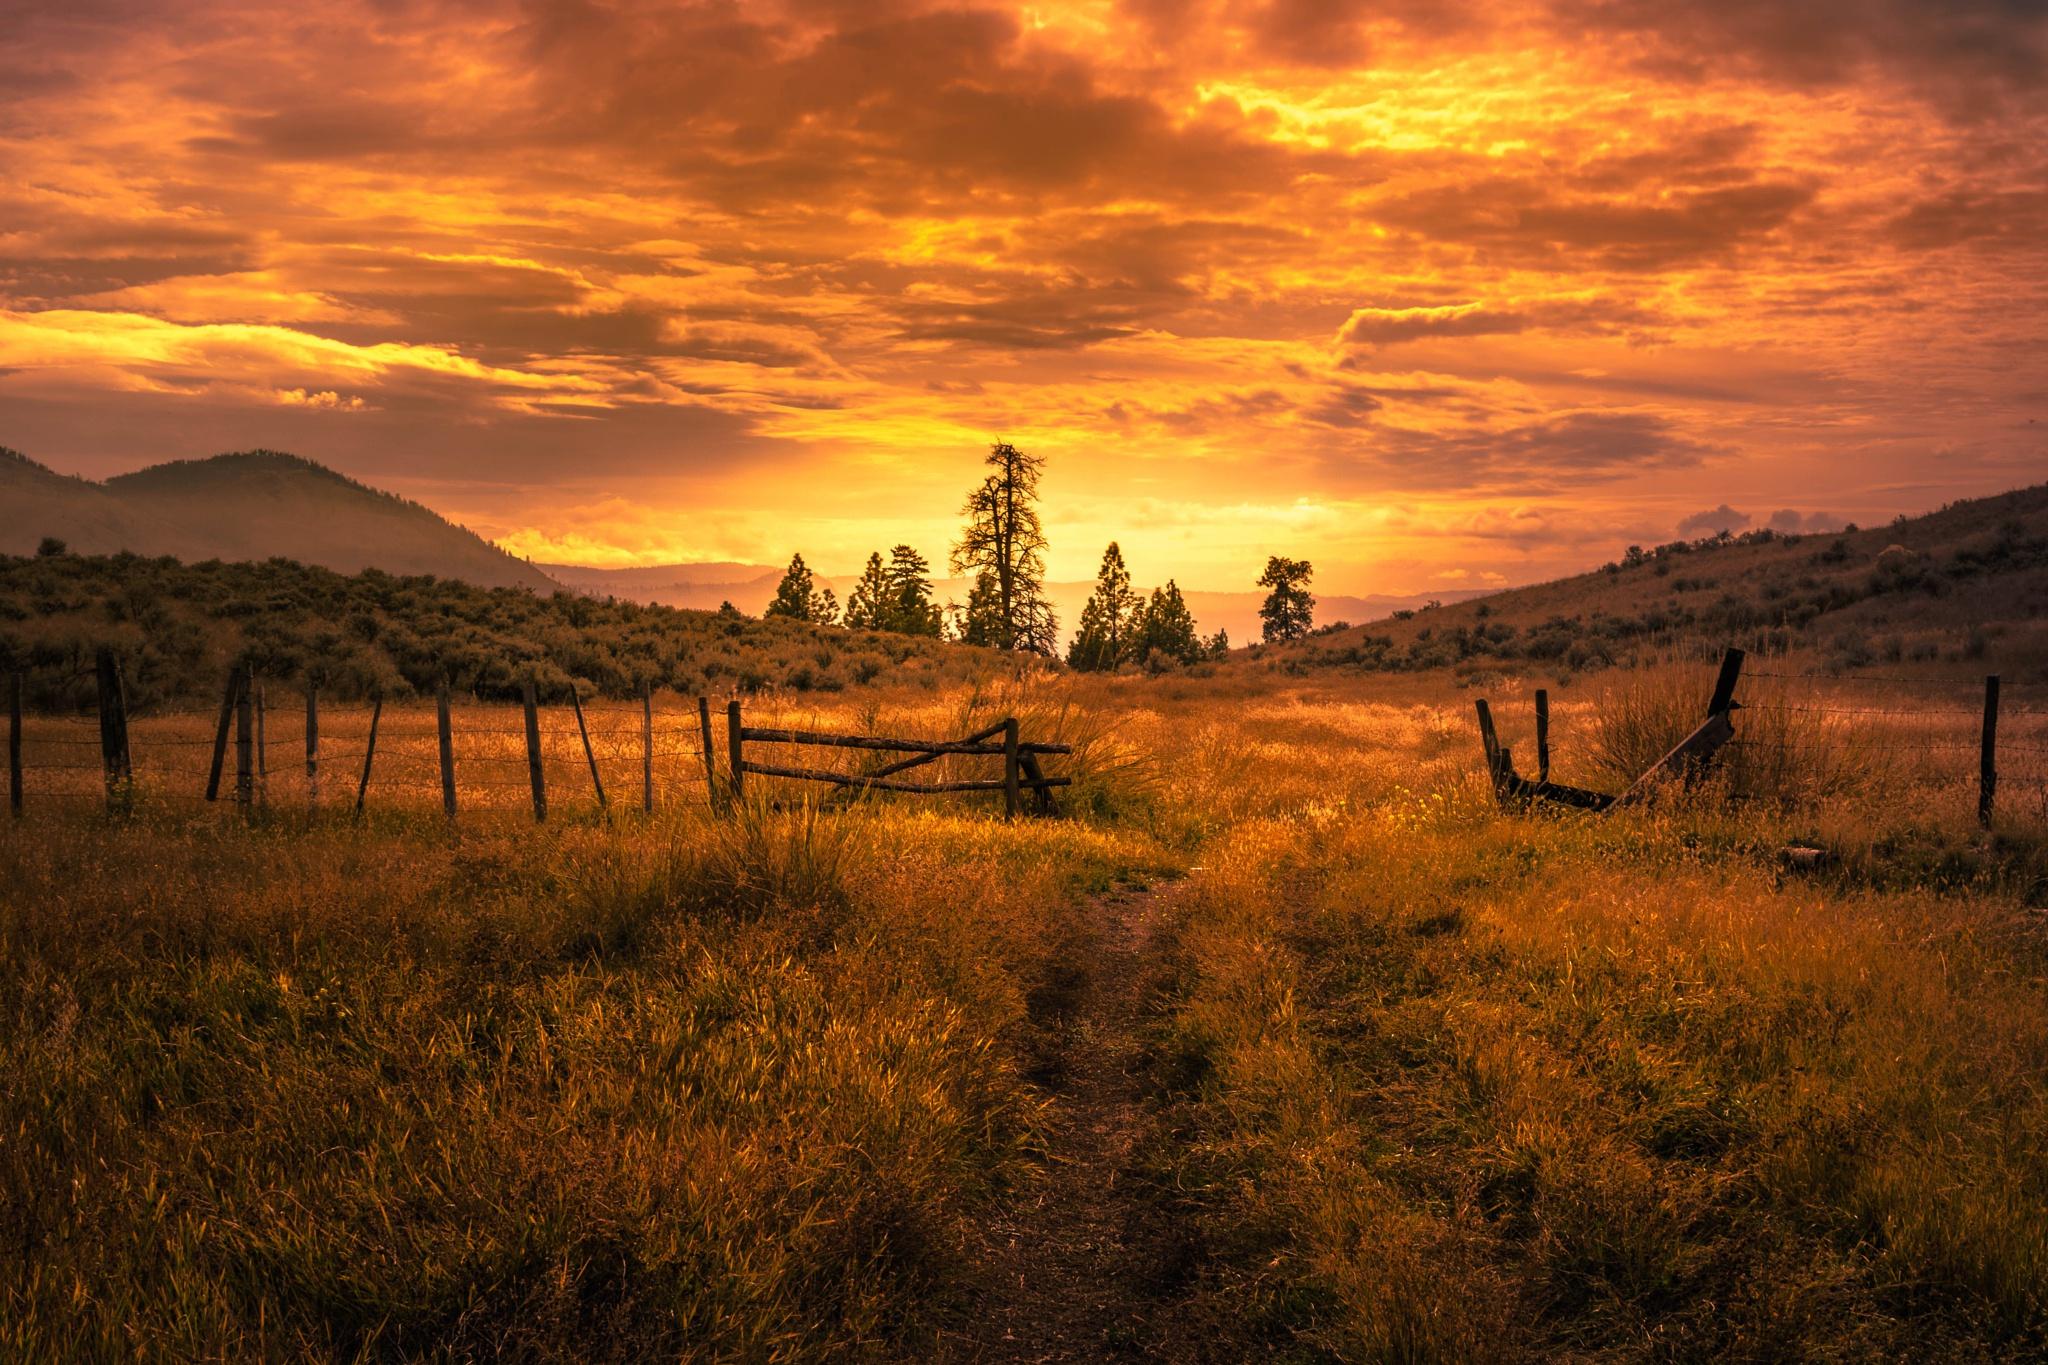 Закат дерево поля холмы  № 2965329 бесплатно